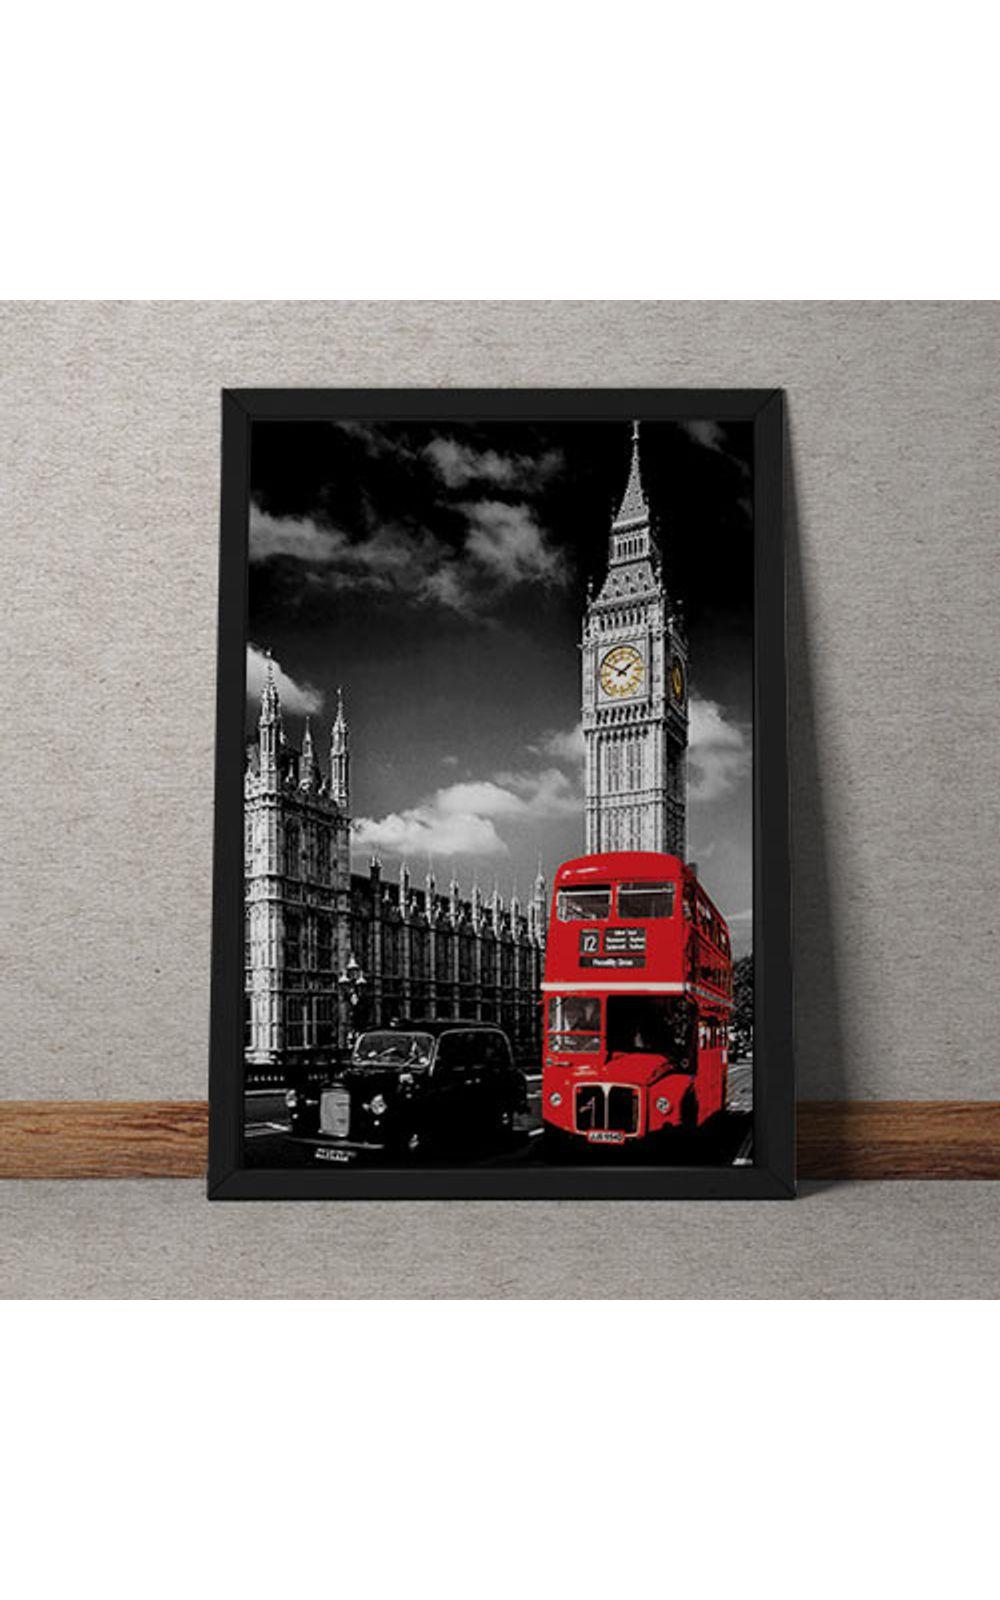 Foto 1 - Quadro Decorativo Onibus Ingles E Big Ben